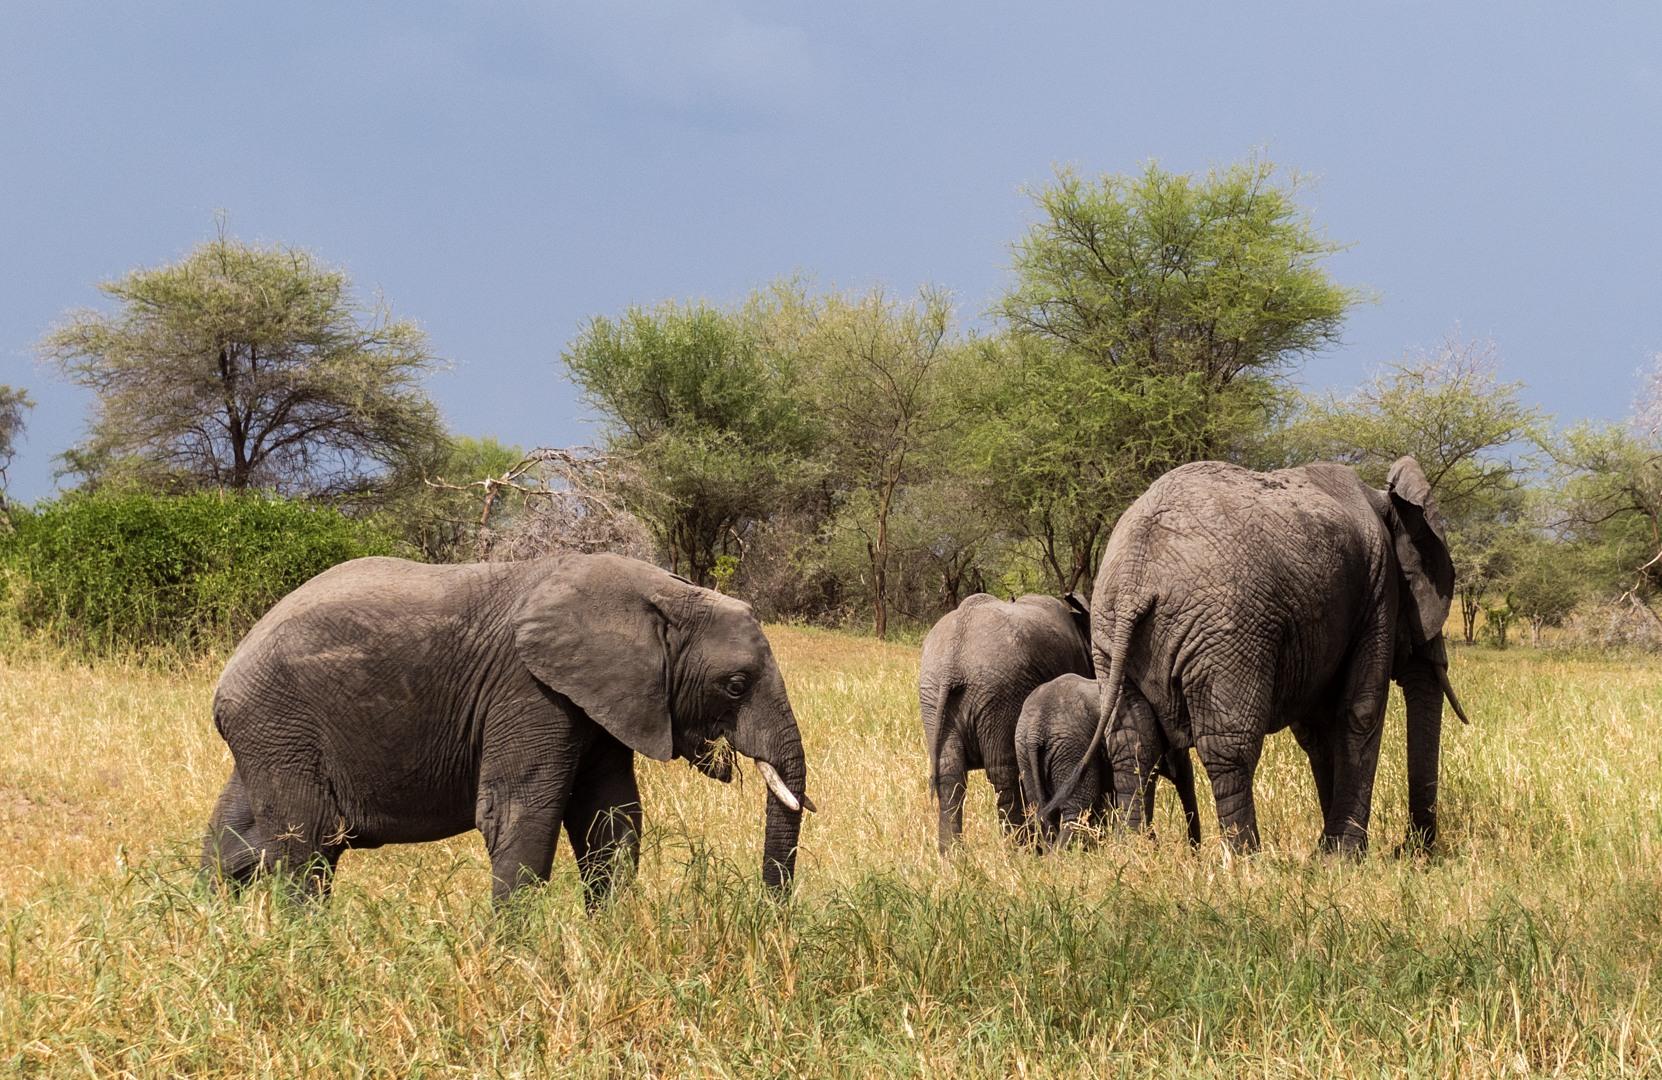 Саванные слоны African bush elephant (Loxodonta africana), Тарангире